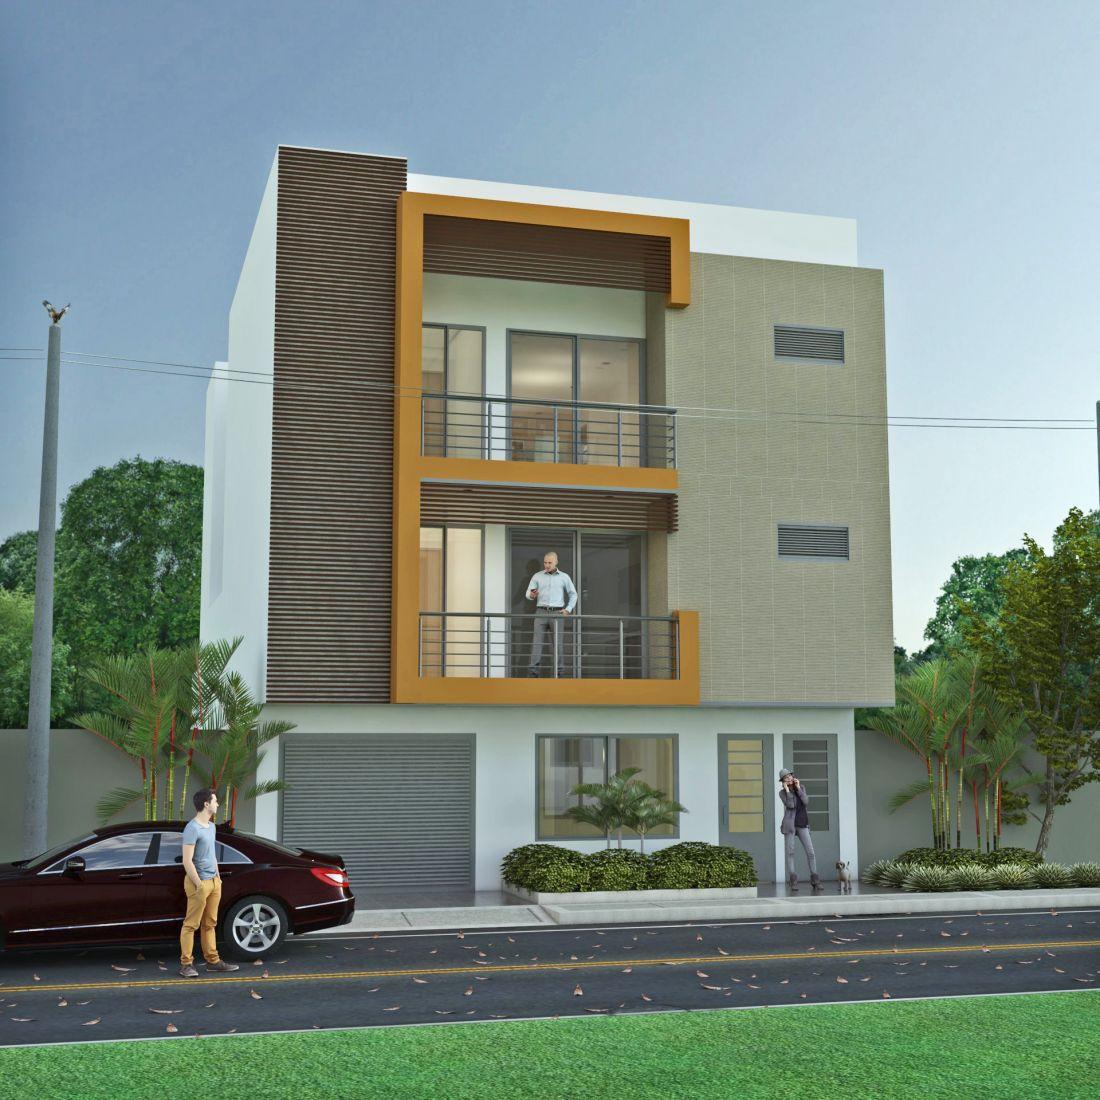 Dise o moderno edificio de apartamentos en tres pisos for Fachadas modernas para casas de tres pisos